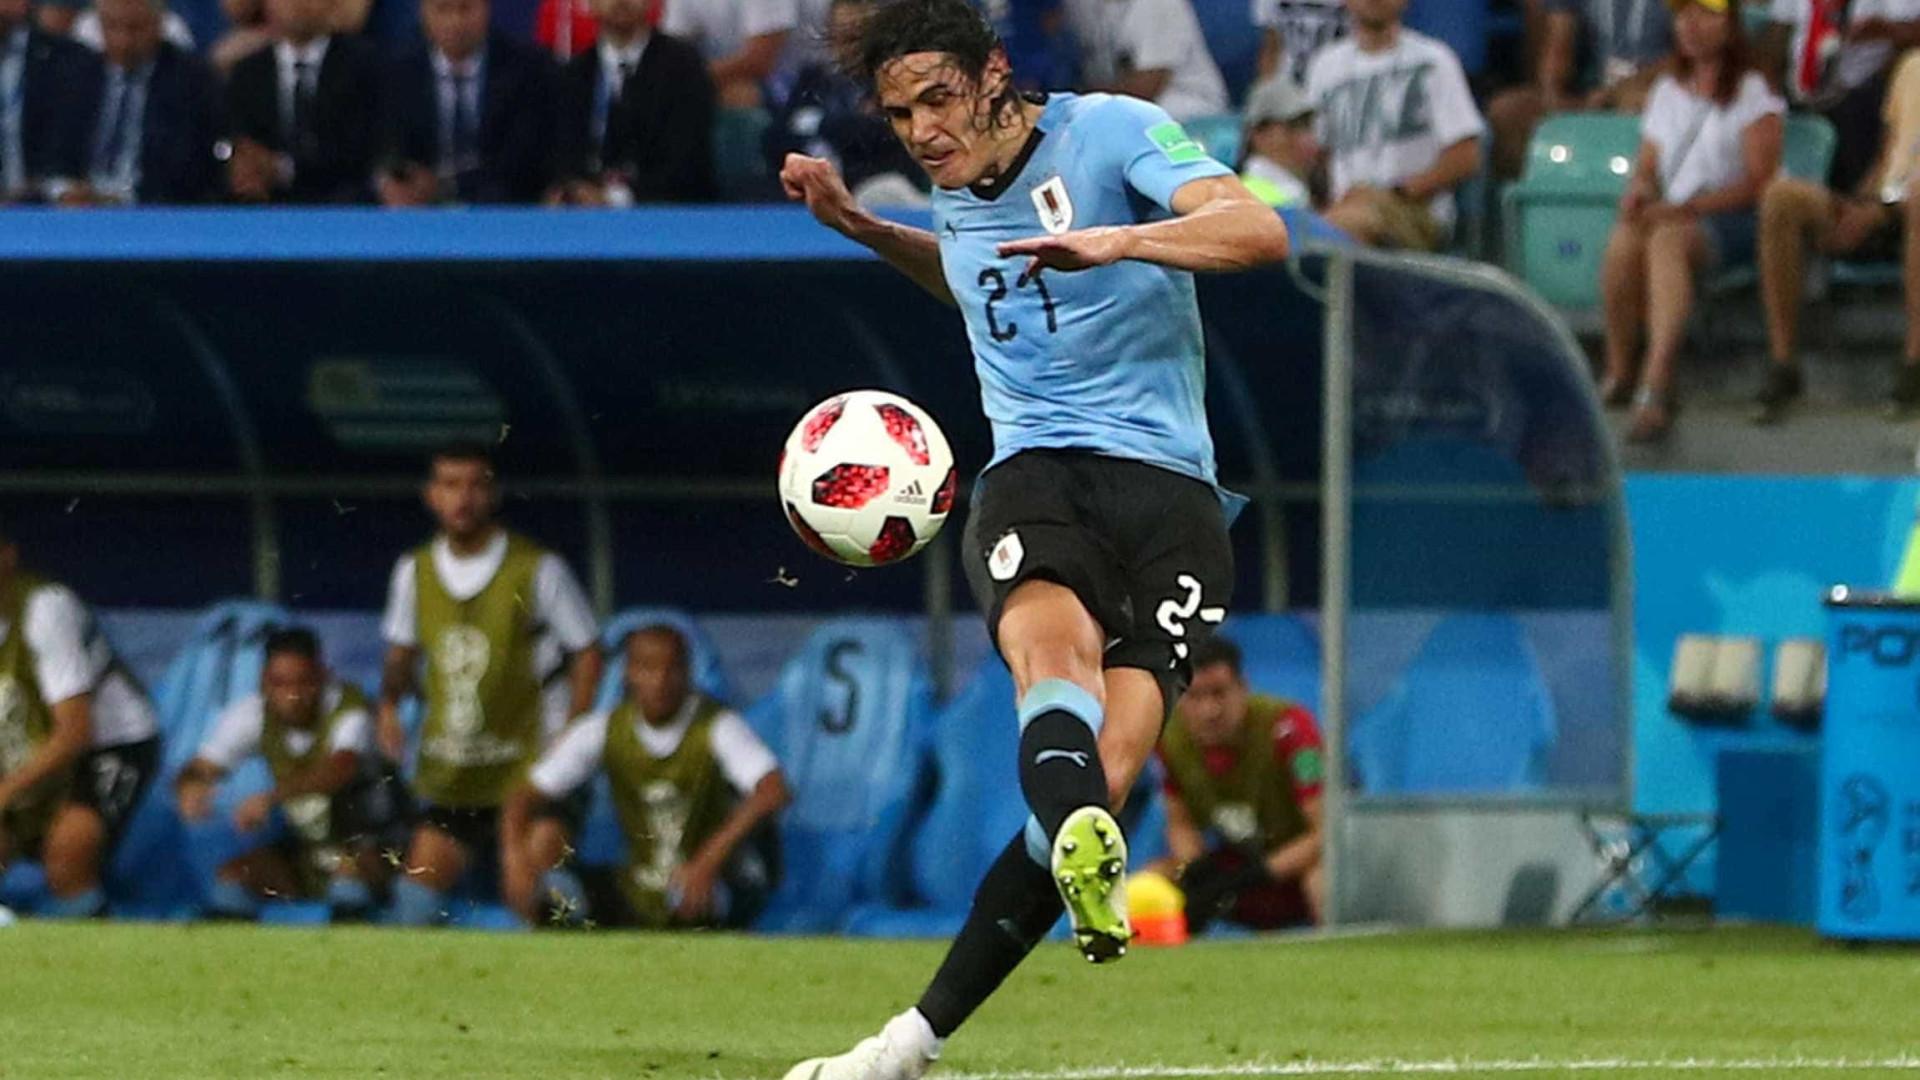 Imprensa uruguaia repercute possível substituto de Cavani nas quartas